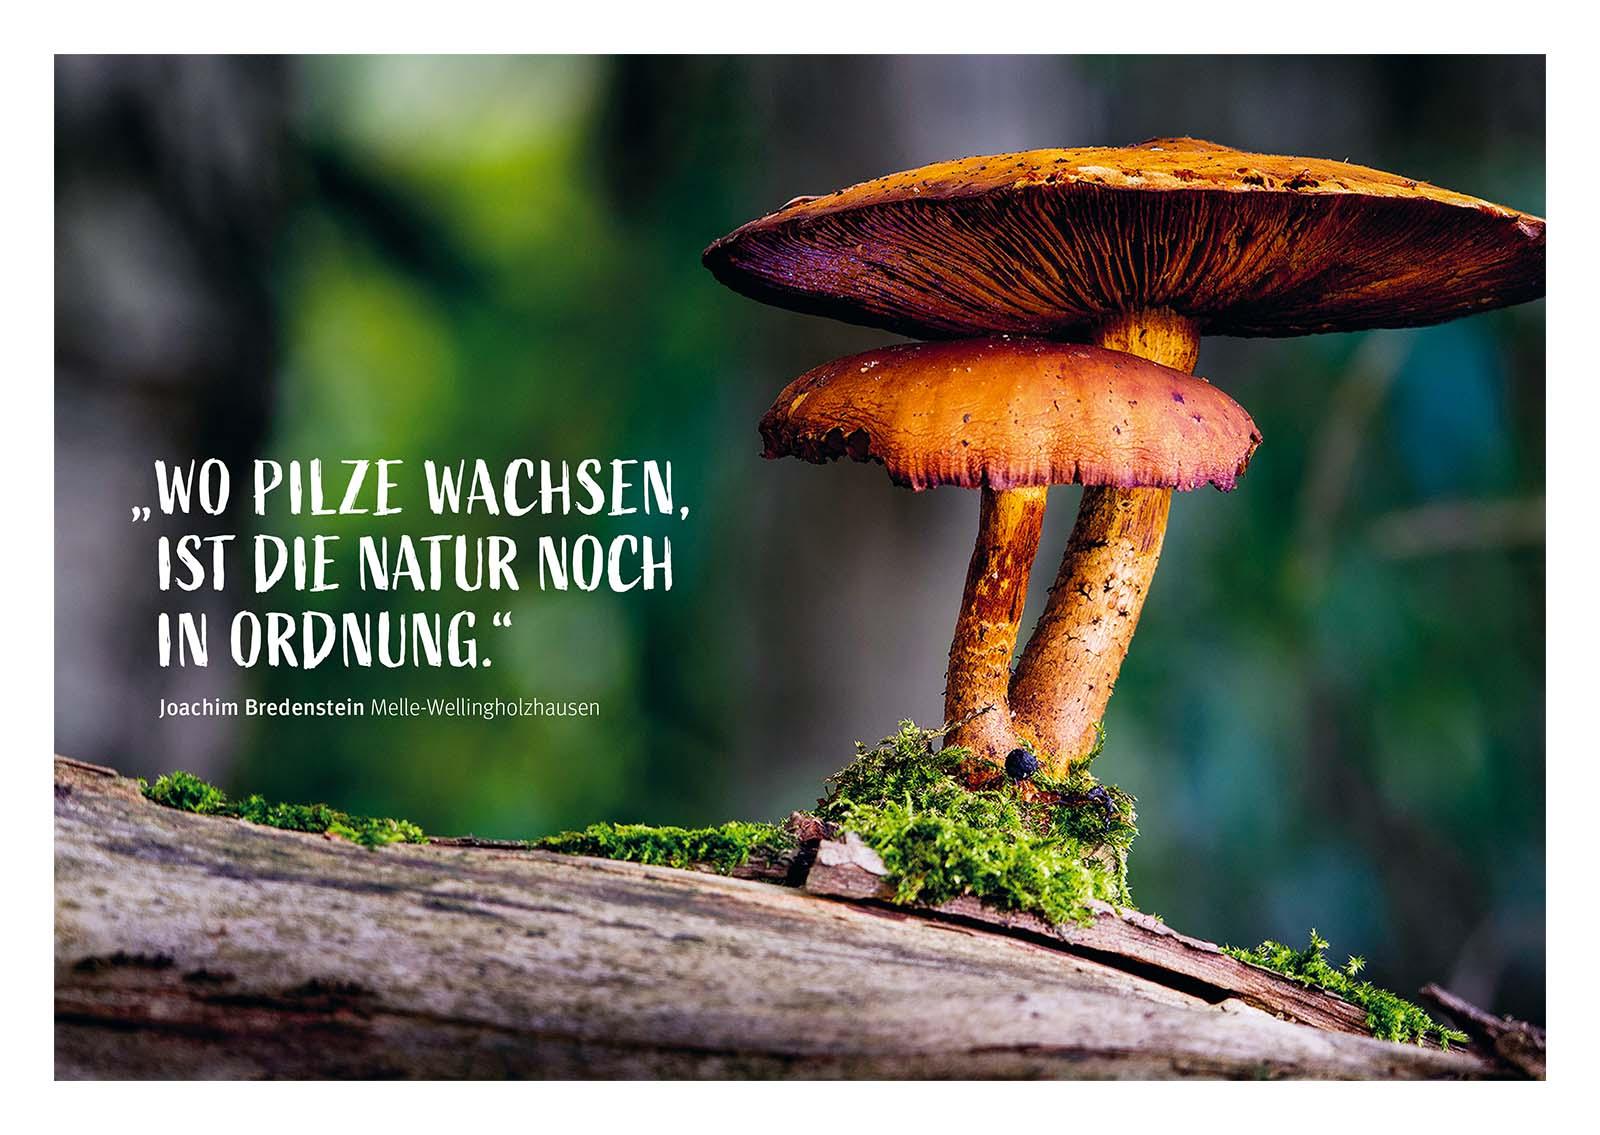 Postkarten Terra.vita /// Pilz aus dem Natur- und Geopark TERRA.vita. Die Typographie unterstützt die Fotografie.